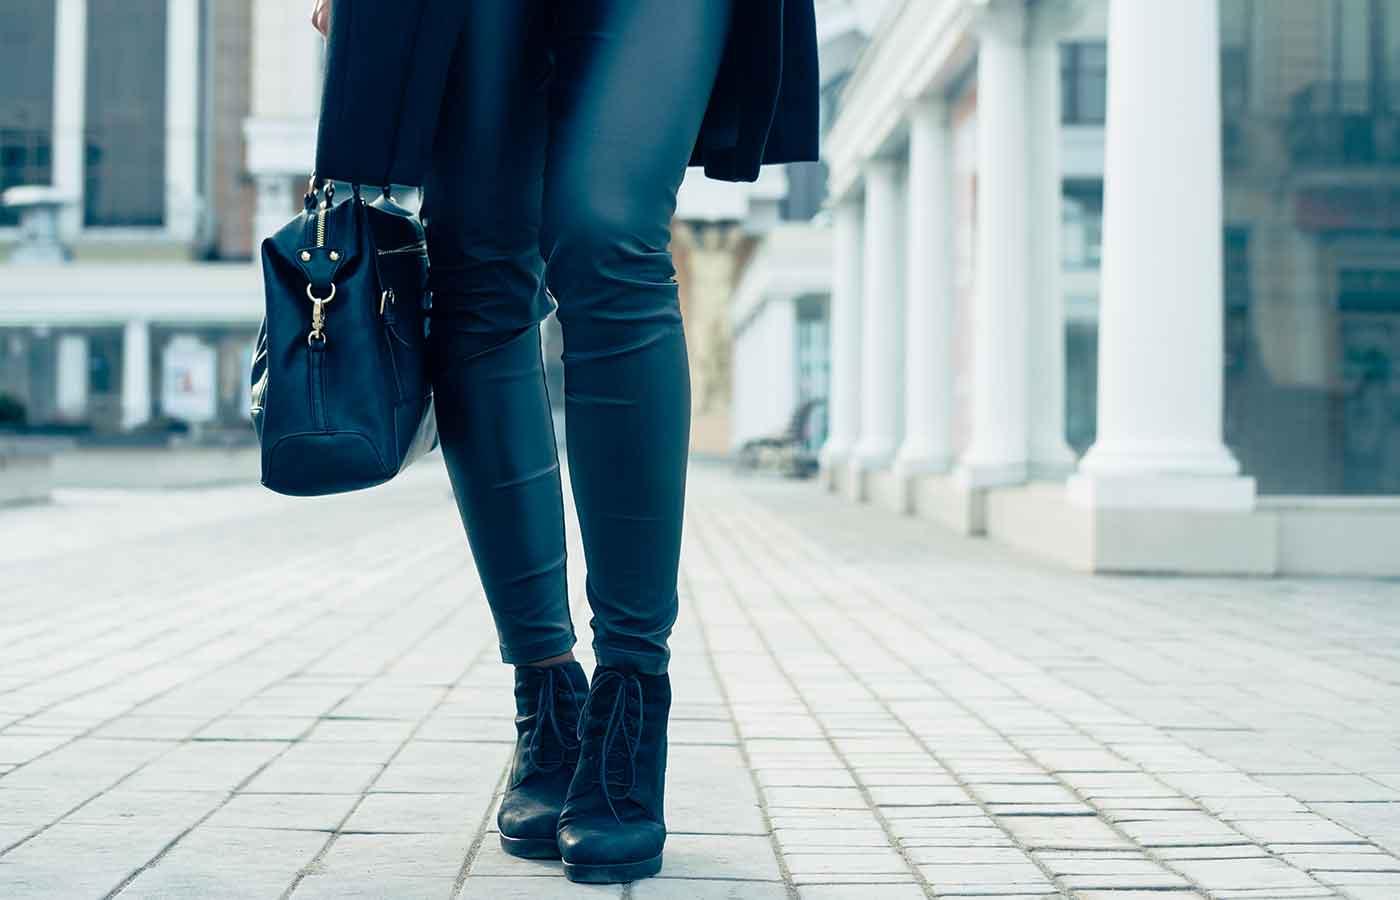 Botines ideales para un look minimalista